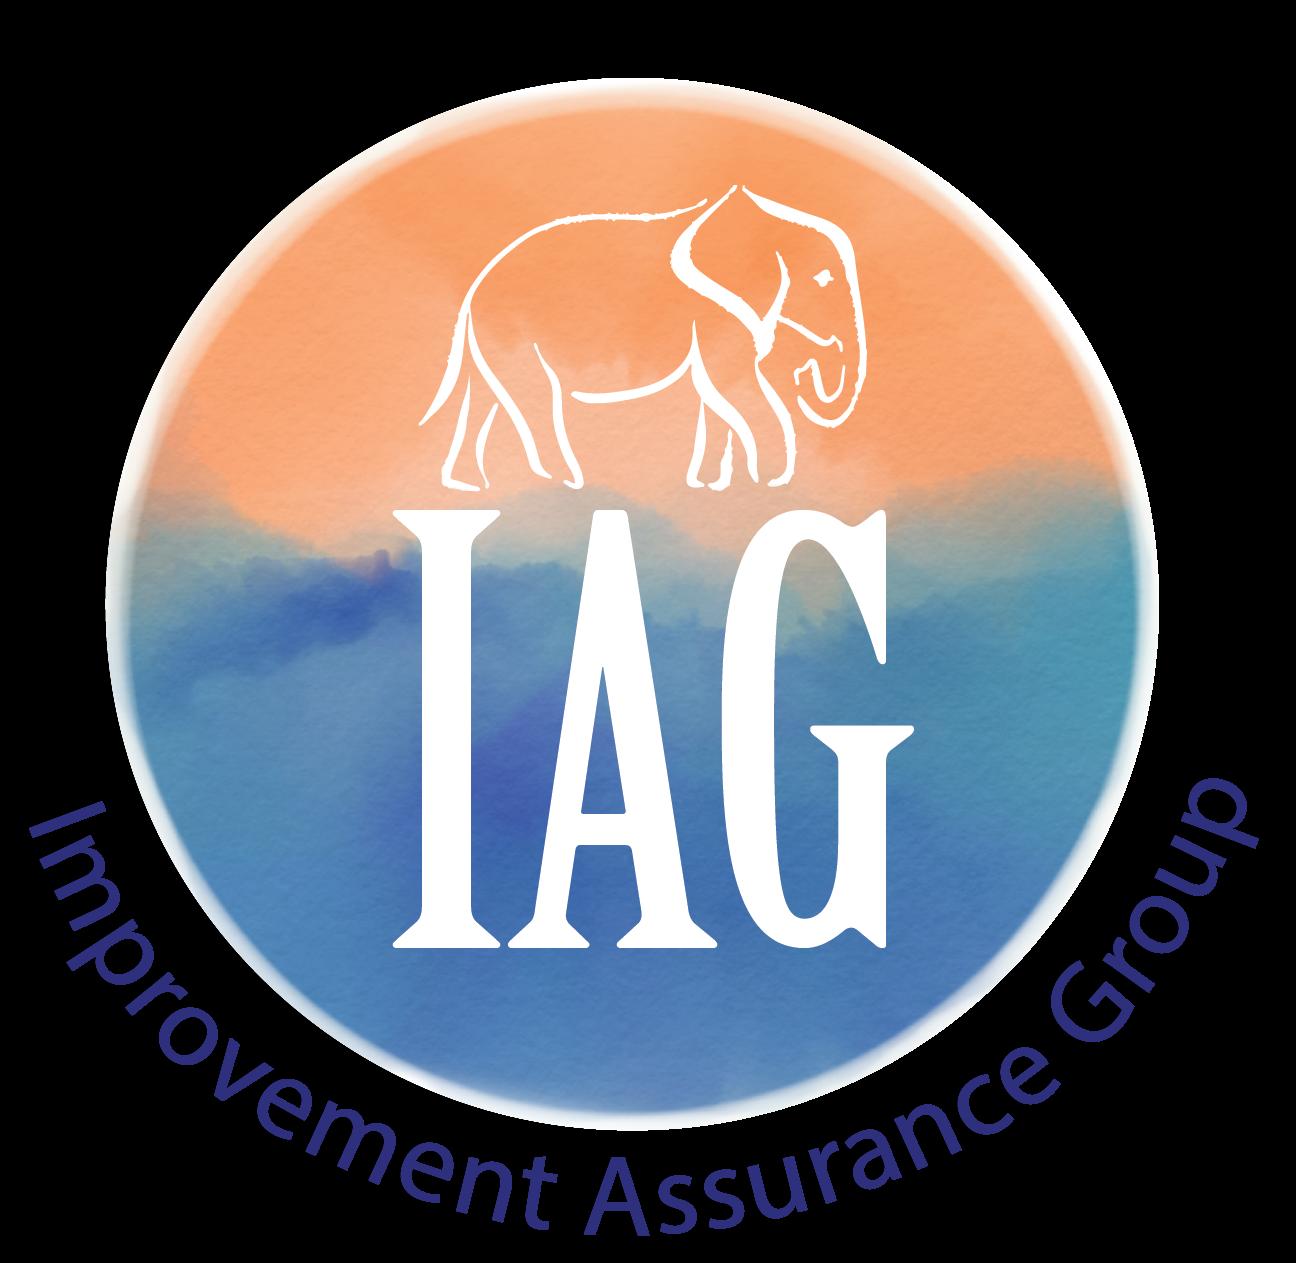 Improvement Assurance Group